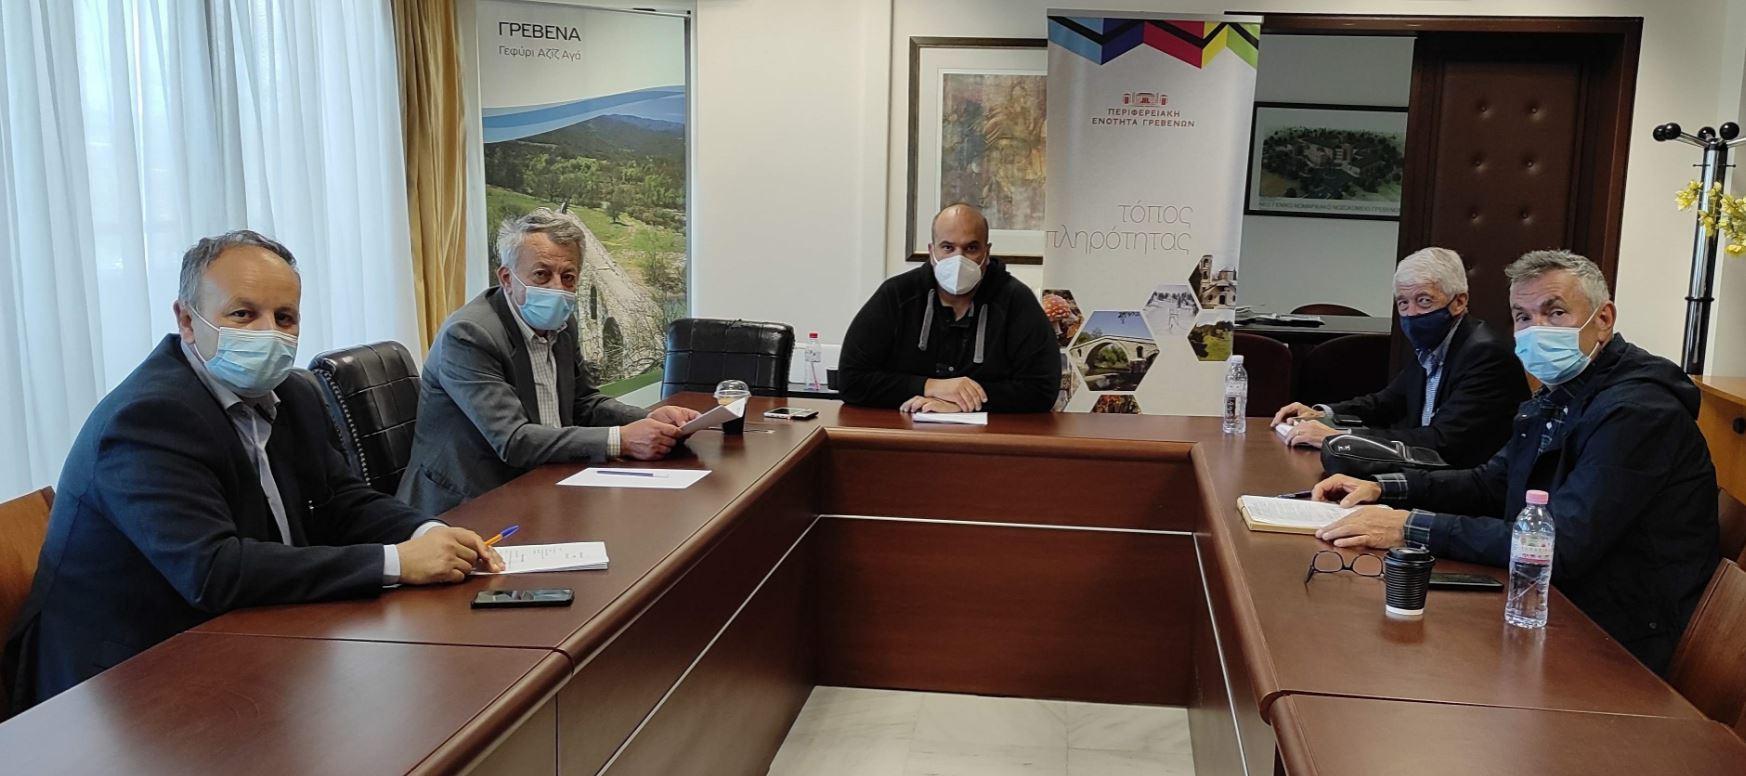 Συνάντηση συνεργασίας της Περιφέρειας Δυτικής Μακεδονίας και του Σ.Ε.Γ.Α.Σ.